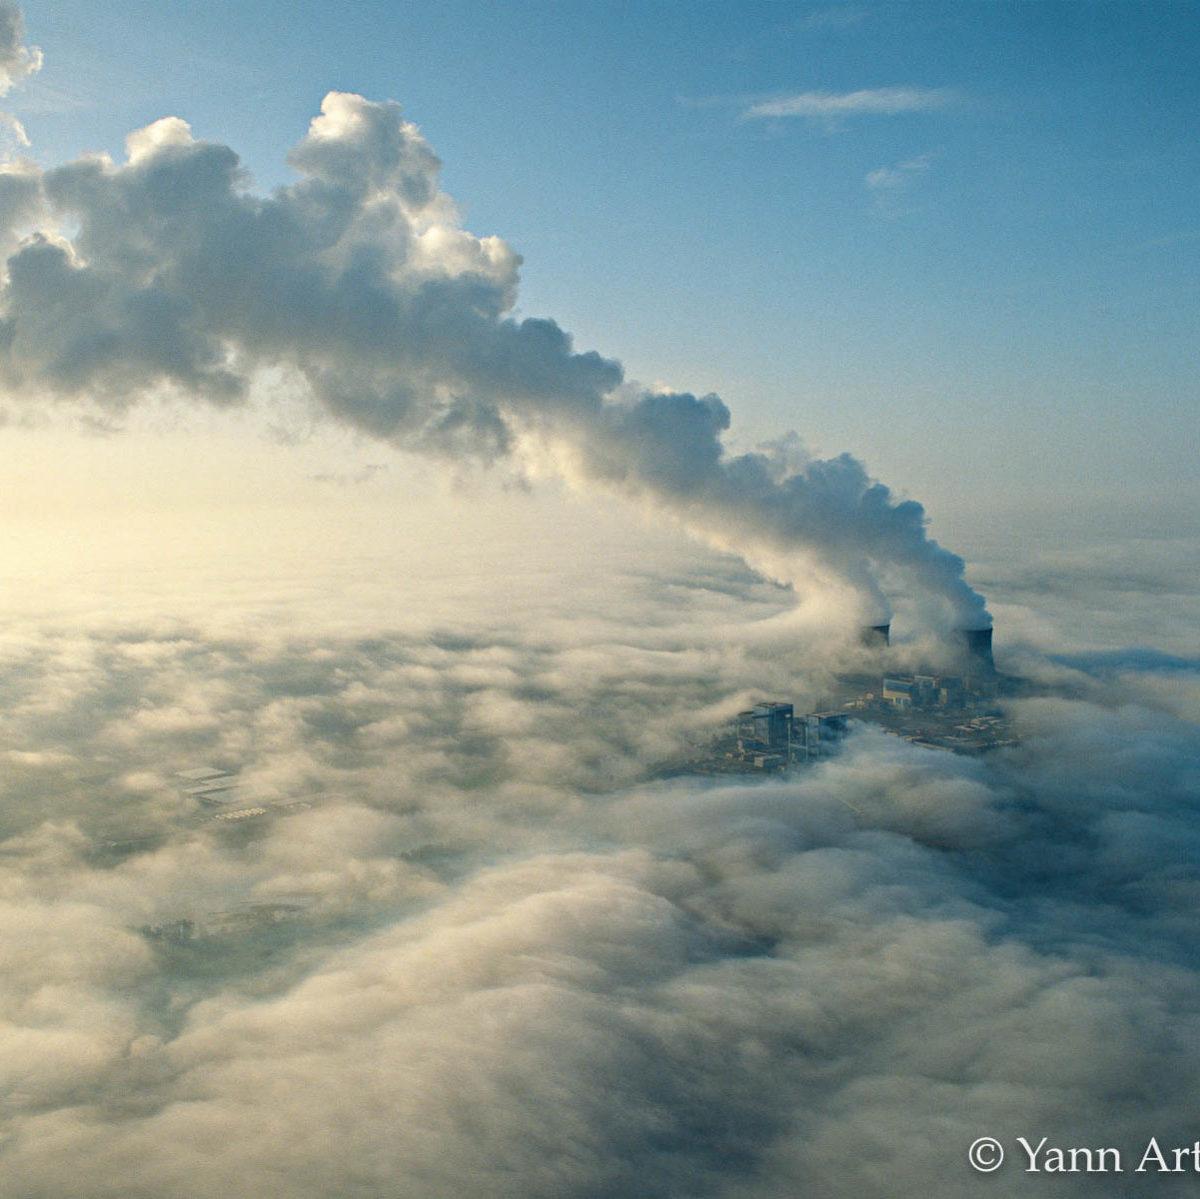 écologistes pro-nucléaire